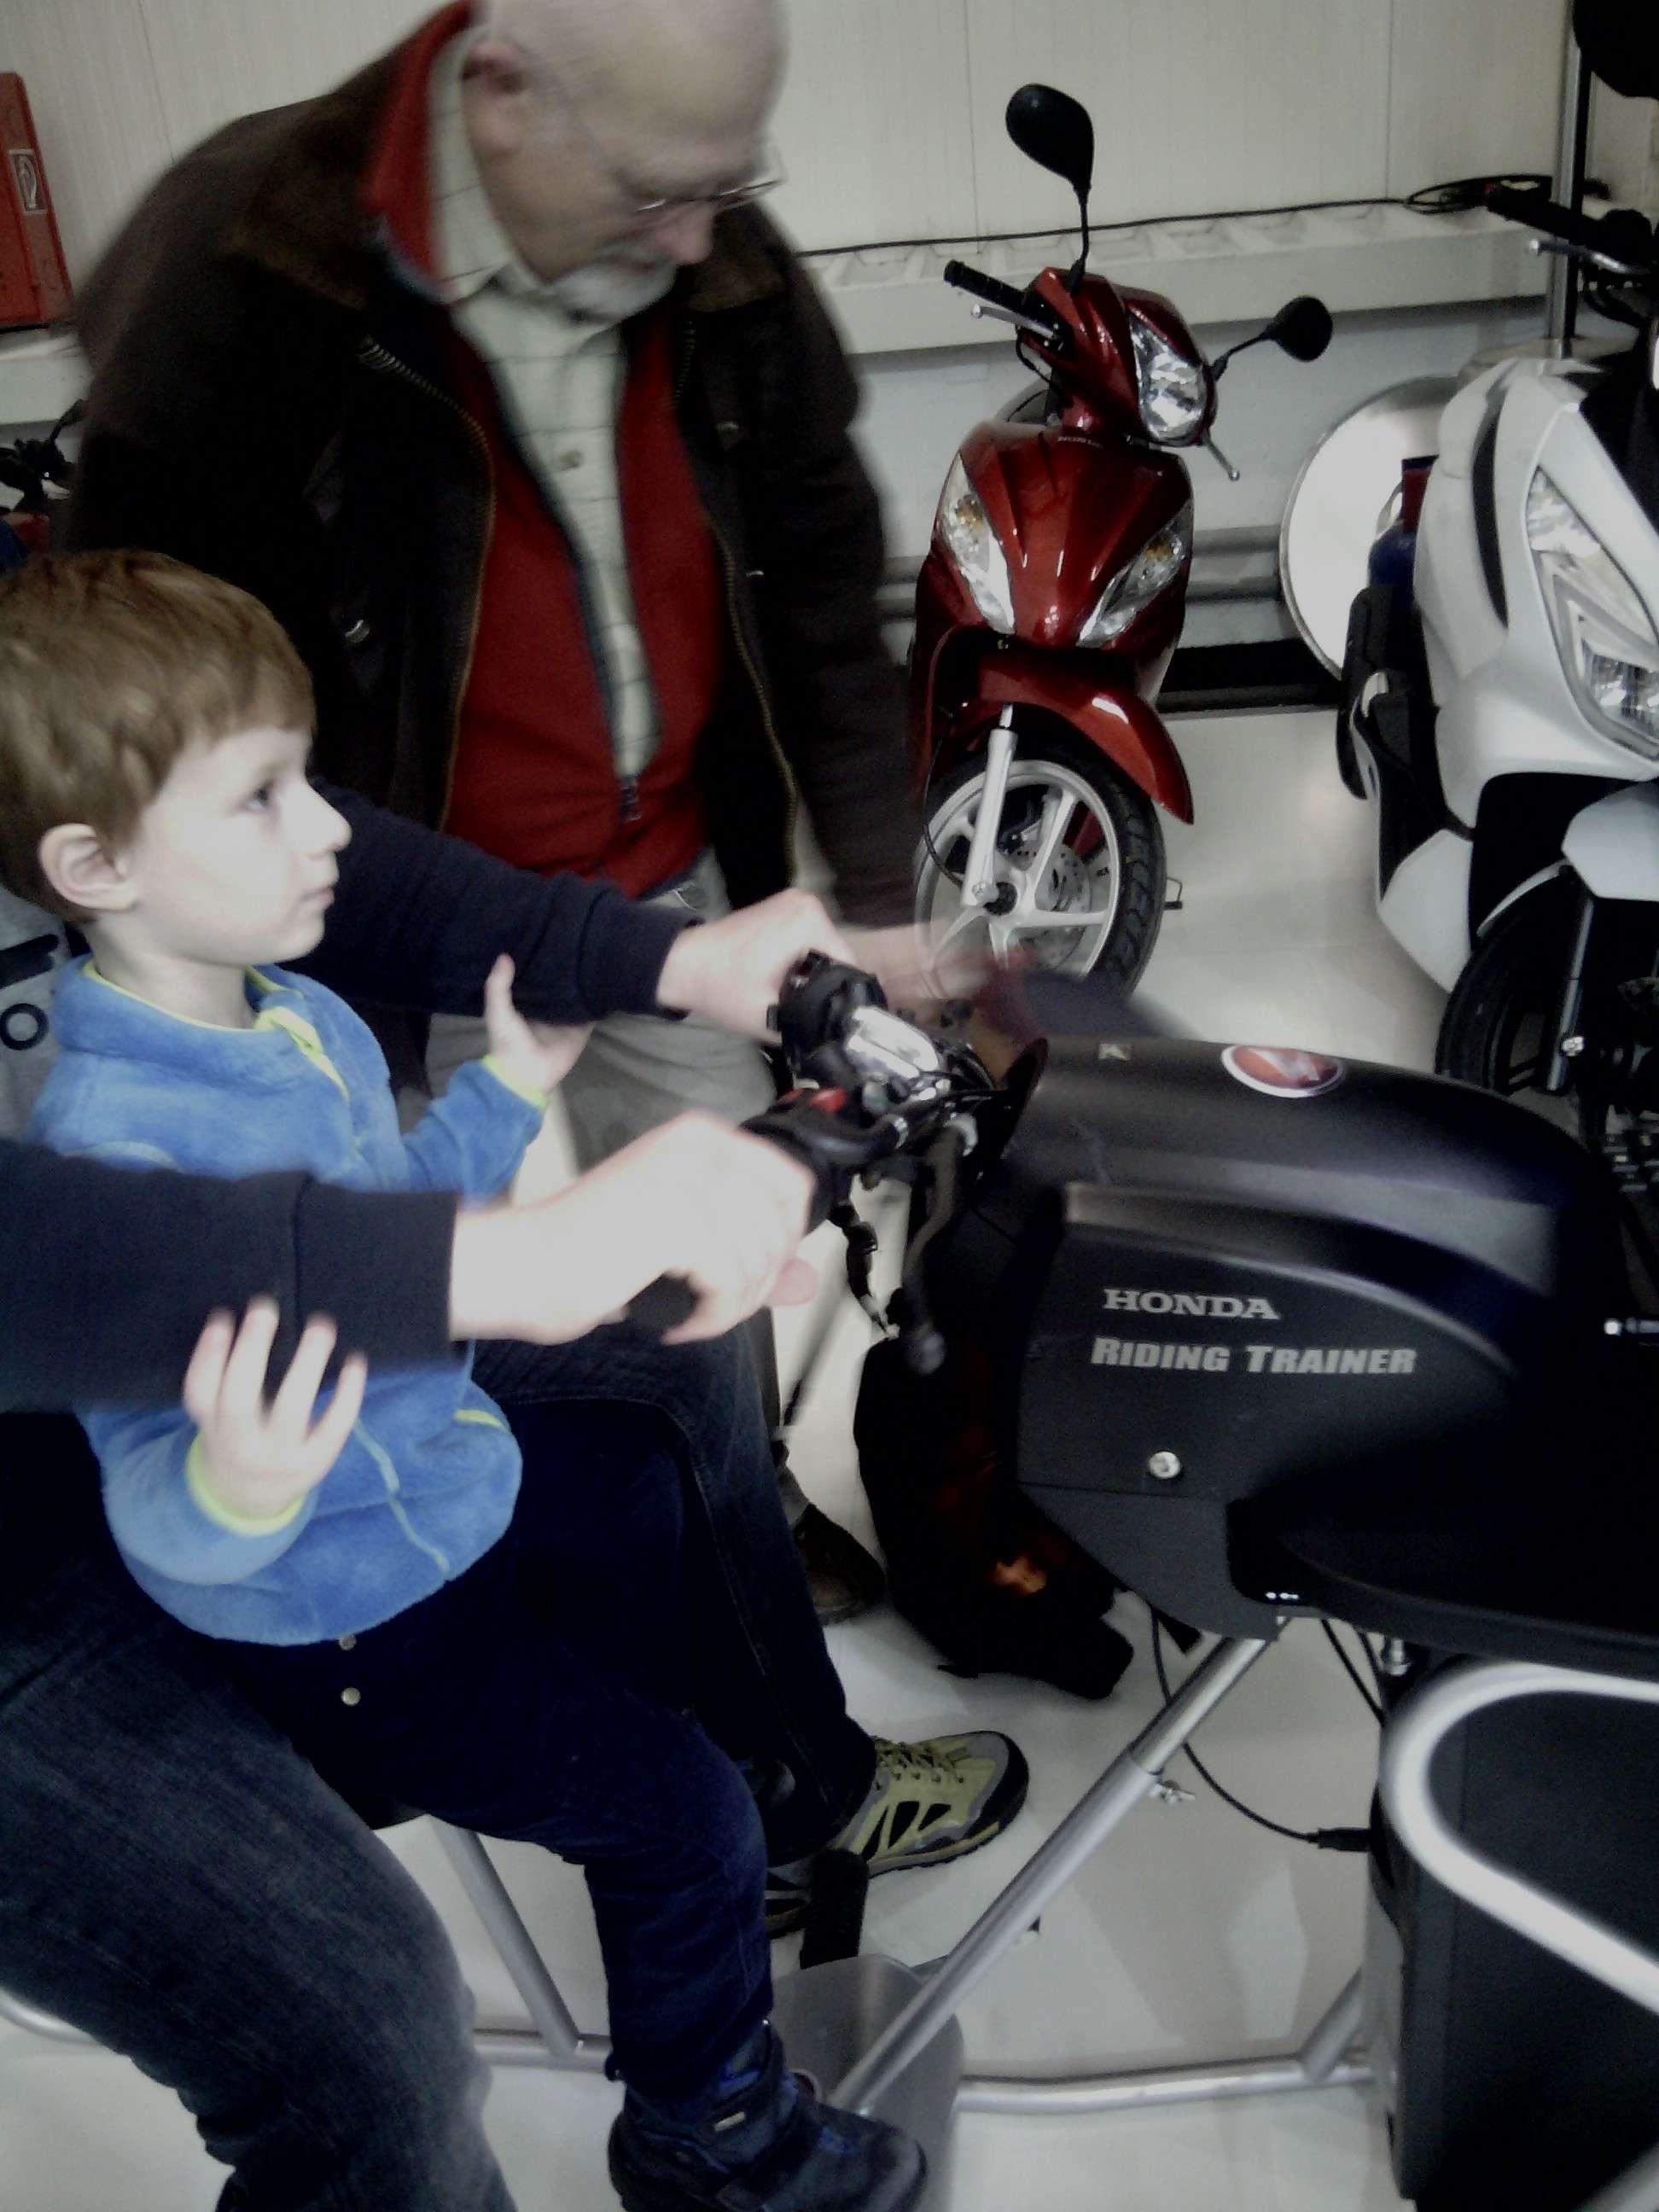 Έκθεση μοτοσυκλέτας 2015 στην Μπρατισλάβα - Σελίδα 2 Img_2035